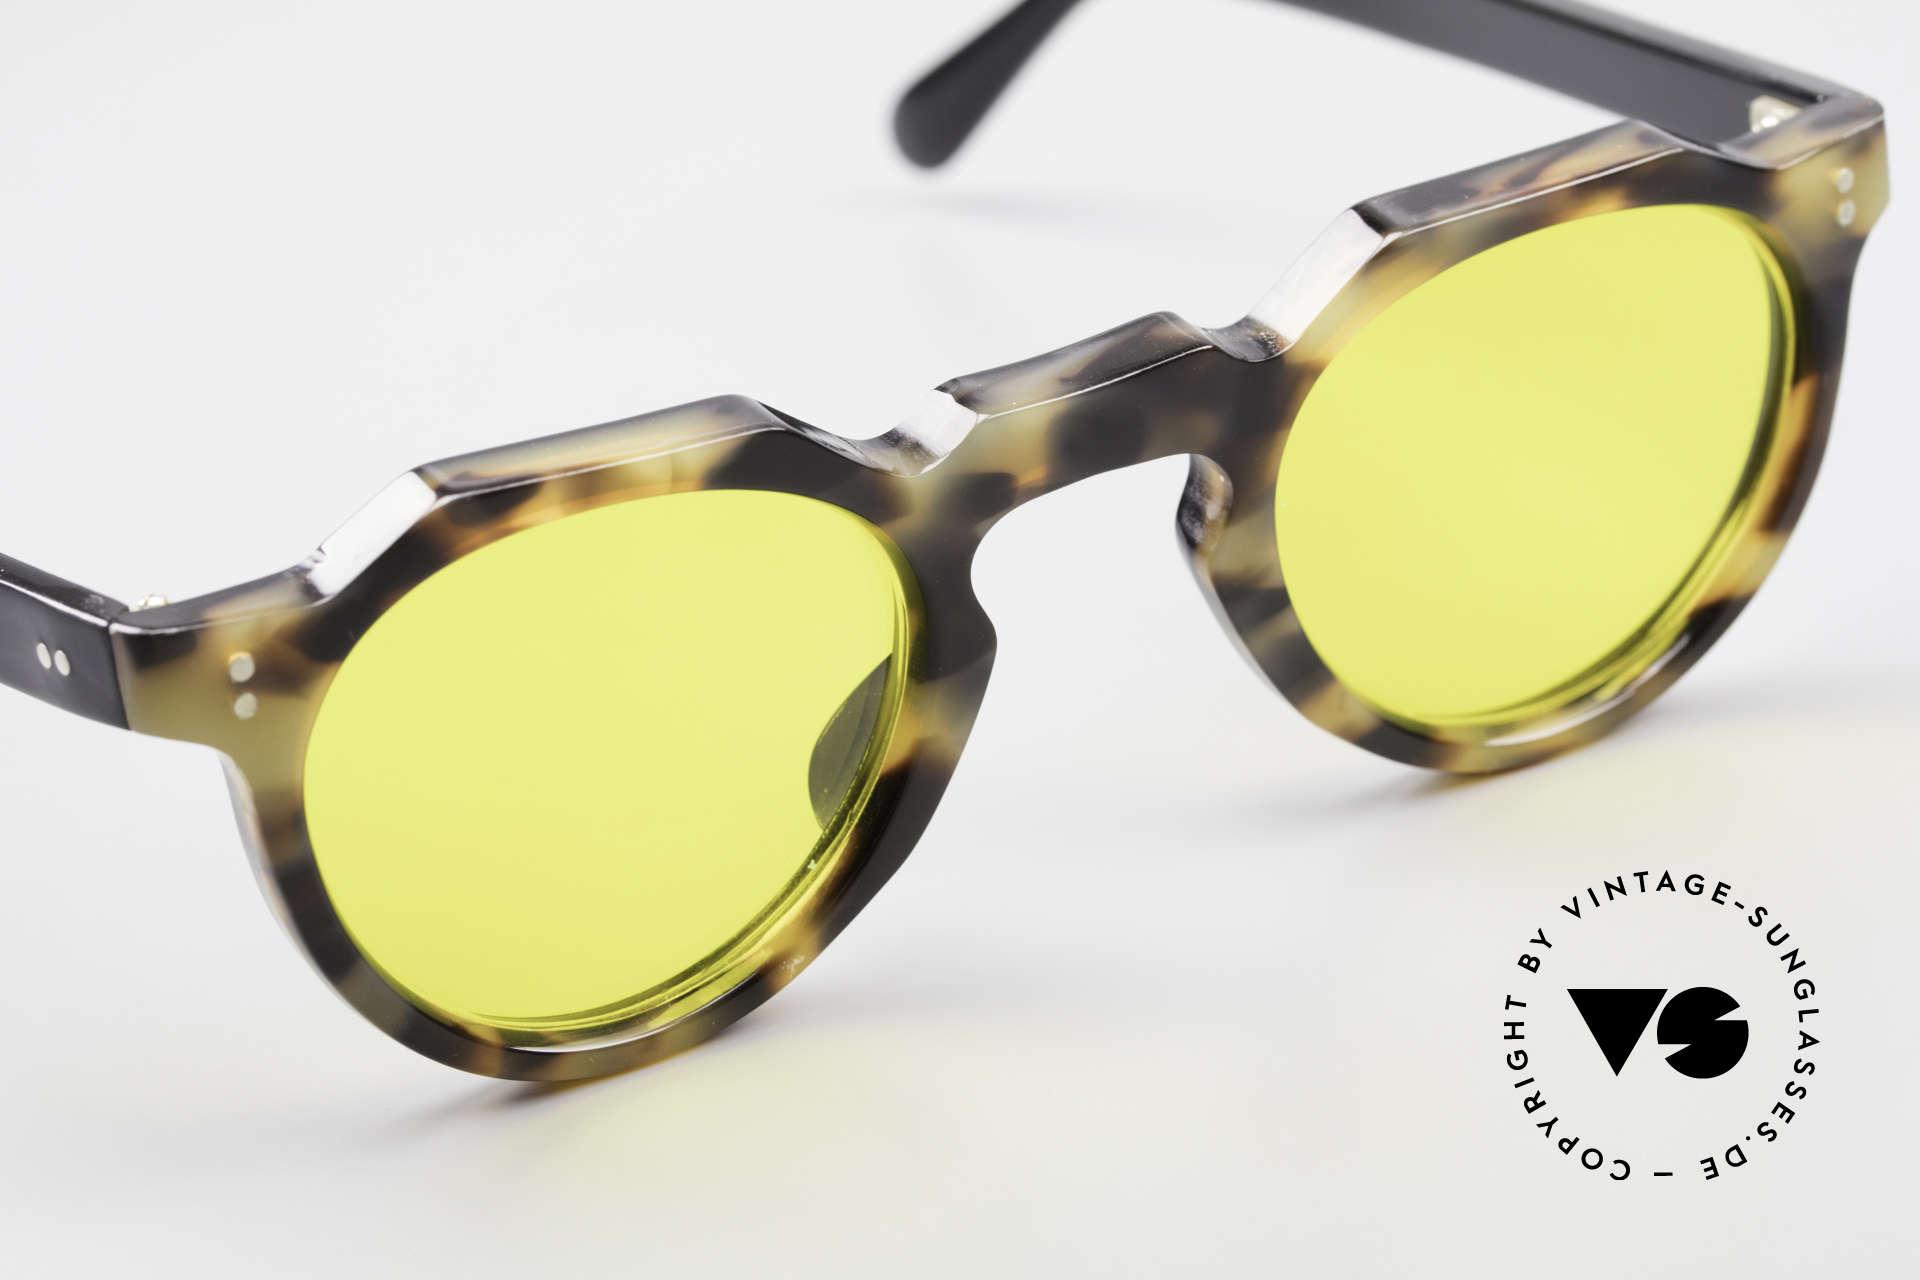 Lesca Panto 6mm 60er Panto Brille Frankreich, Mod. für echte vintage Kenner / Experten / Liebhaber, Passend für Herren und Damen